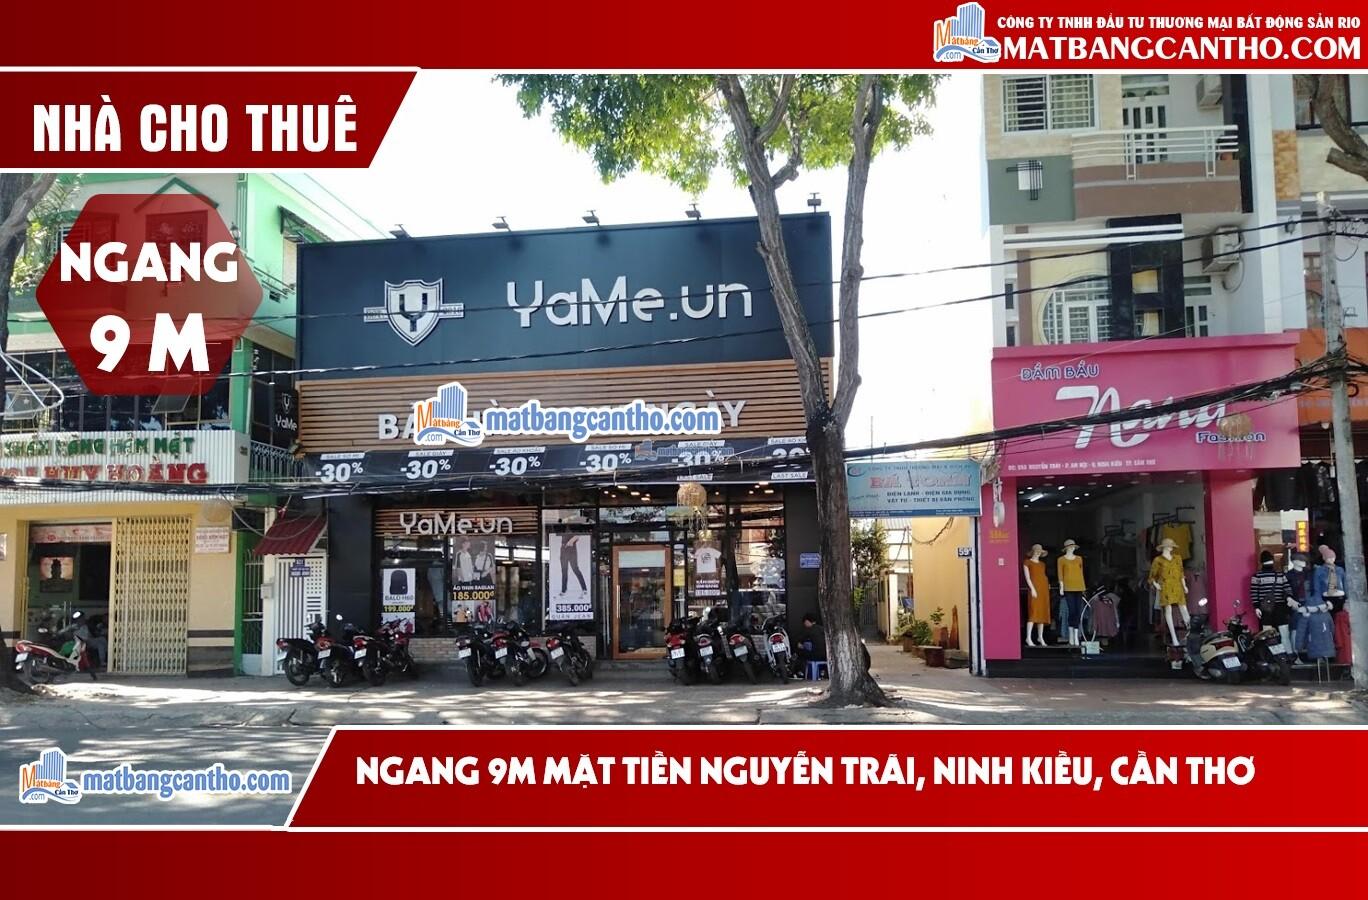 Cho thuê nhà Ngang 9m mặt tiền đường Nguyễn Trãi – đoạn đường đắc địa bậc nhất thành phố để kinh doanh